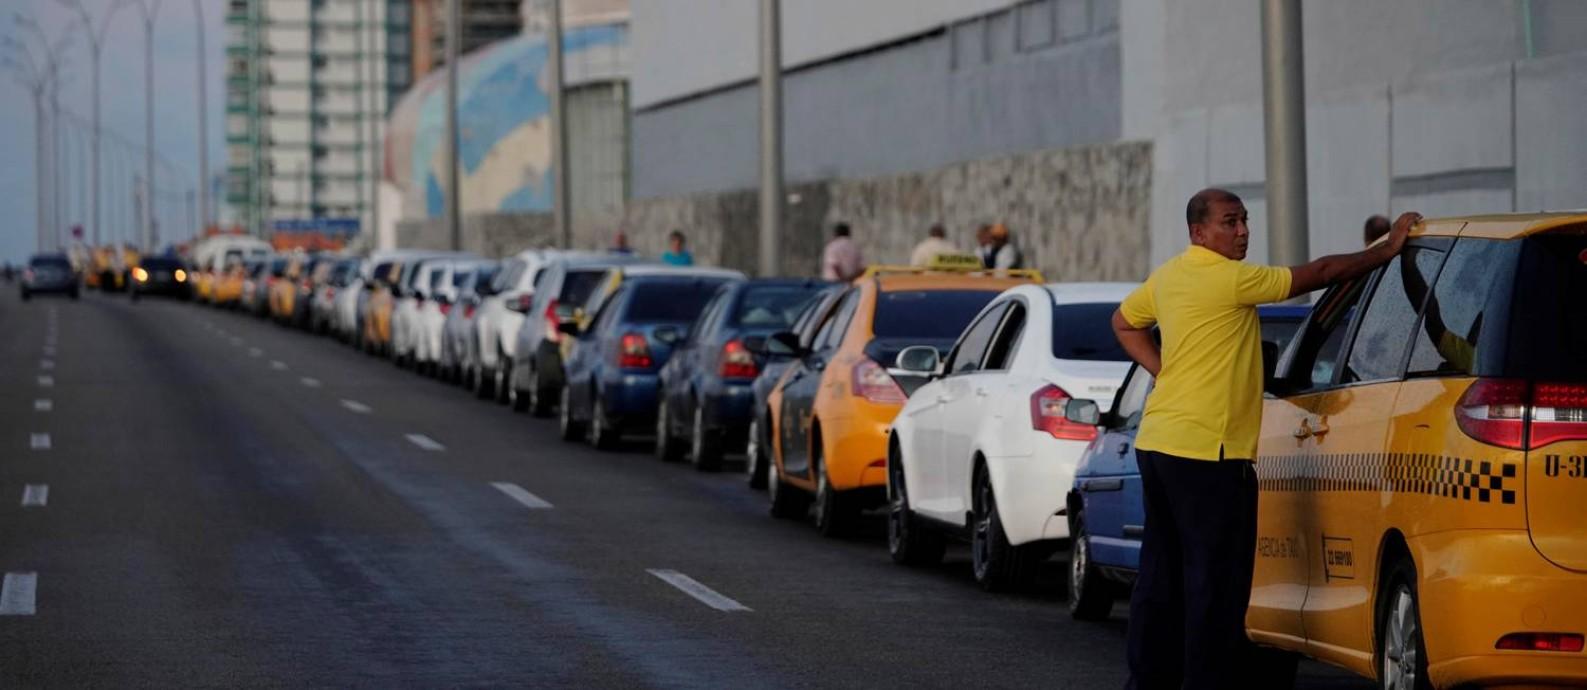 Dezenas de carros fazem fila em frente a um posto de gasolina em Havana Foto: ALEXANDRE MENEGHINI / REUTERS